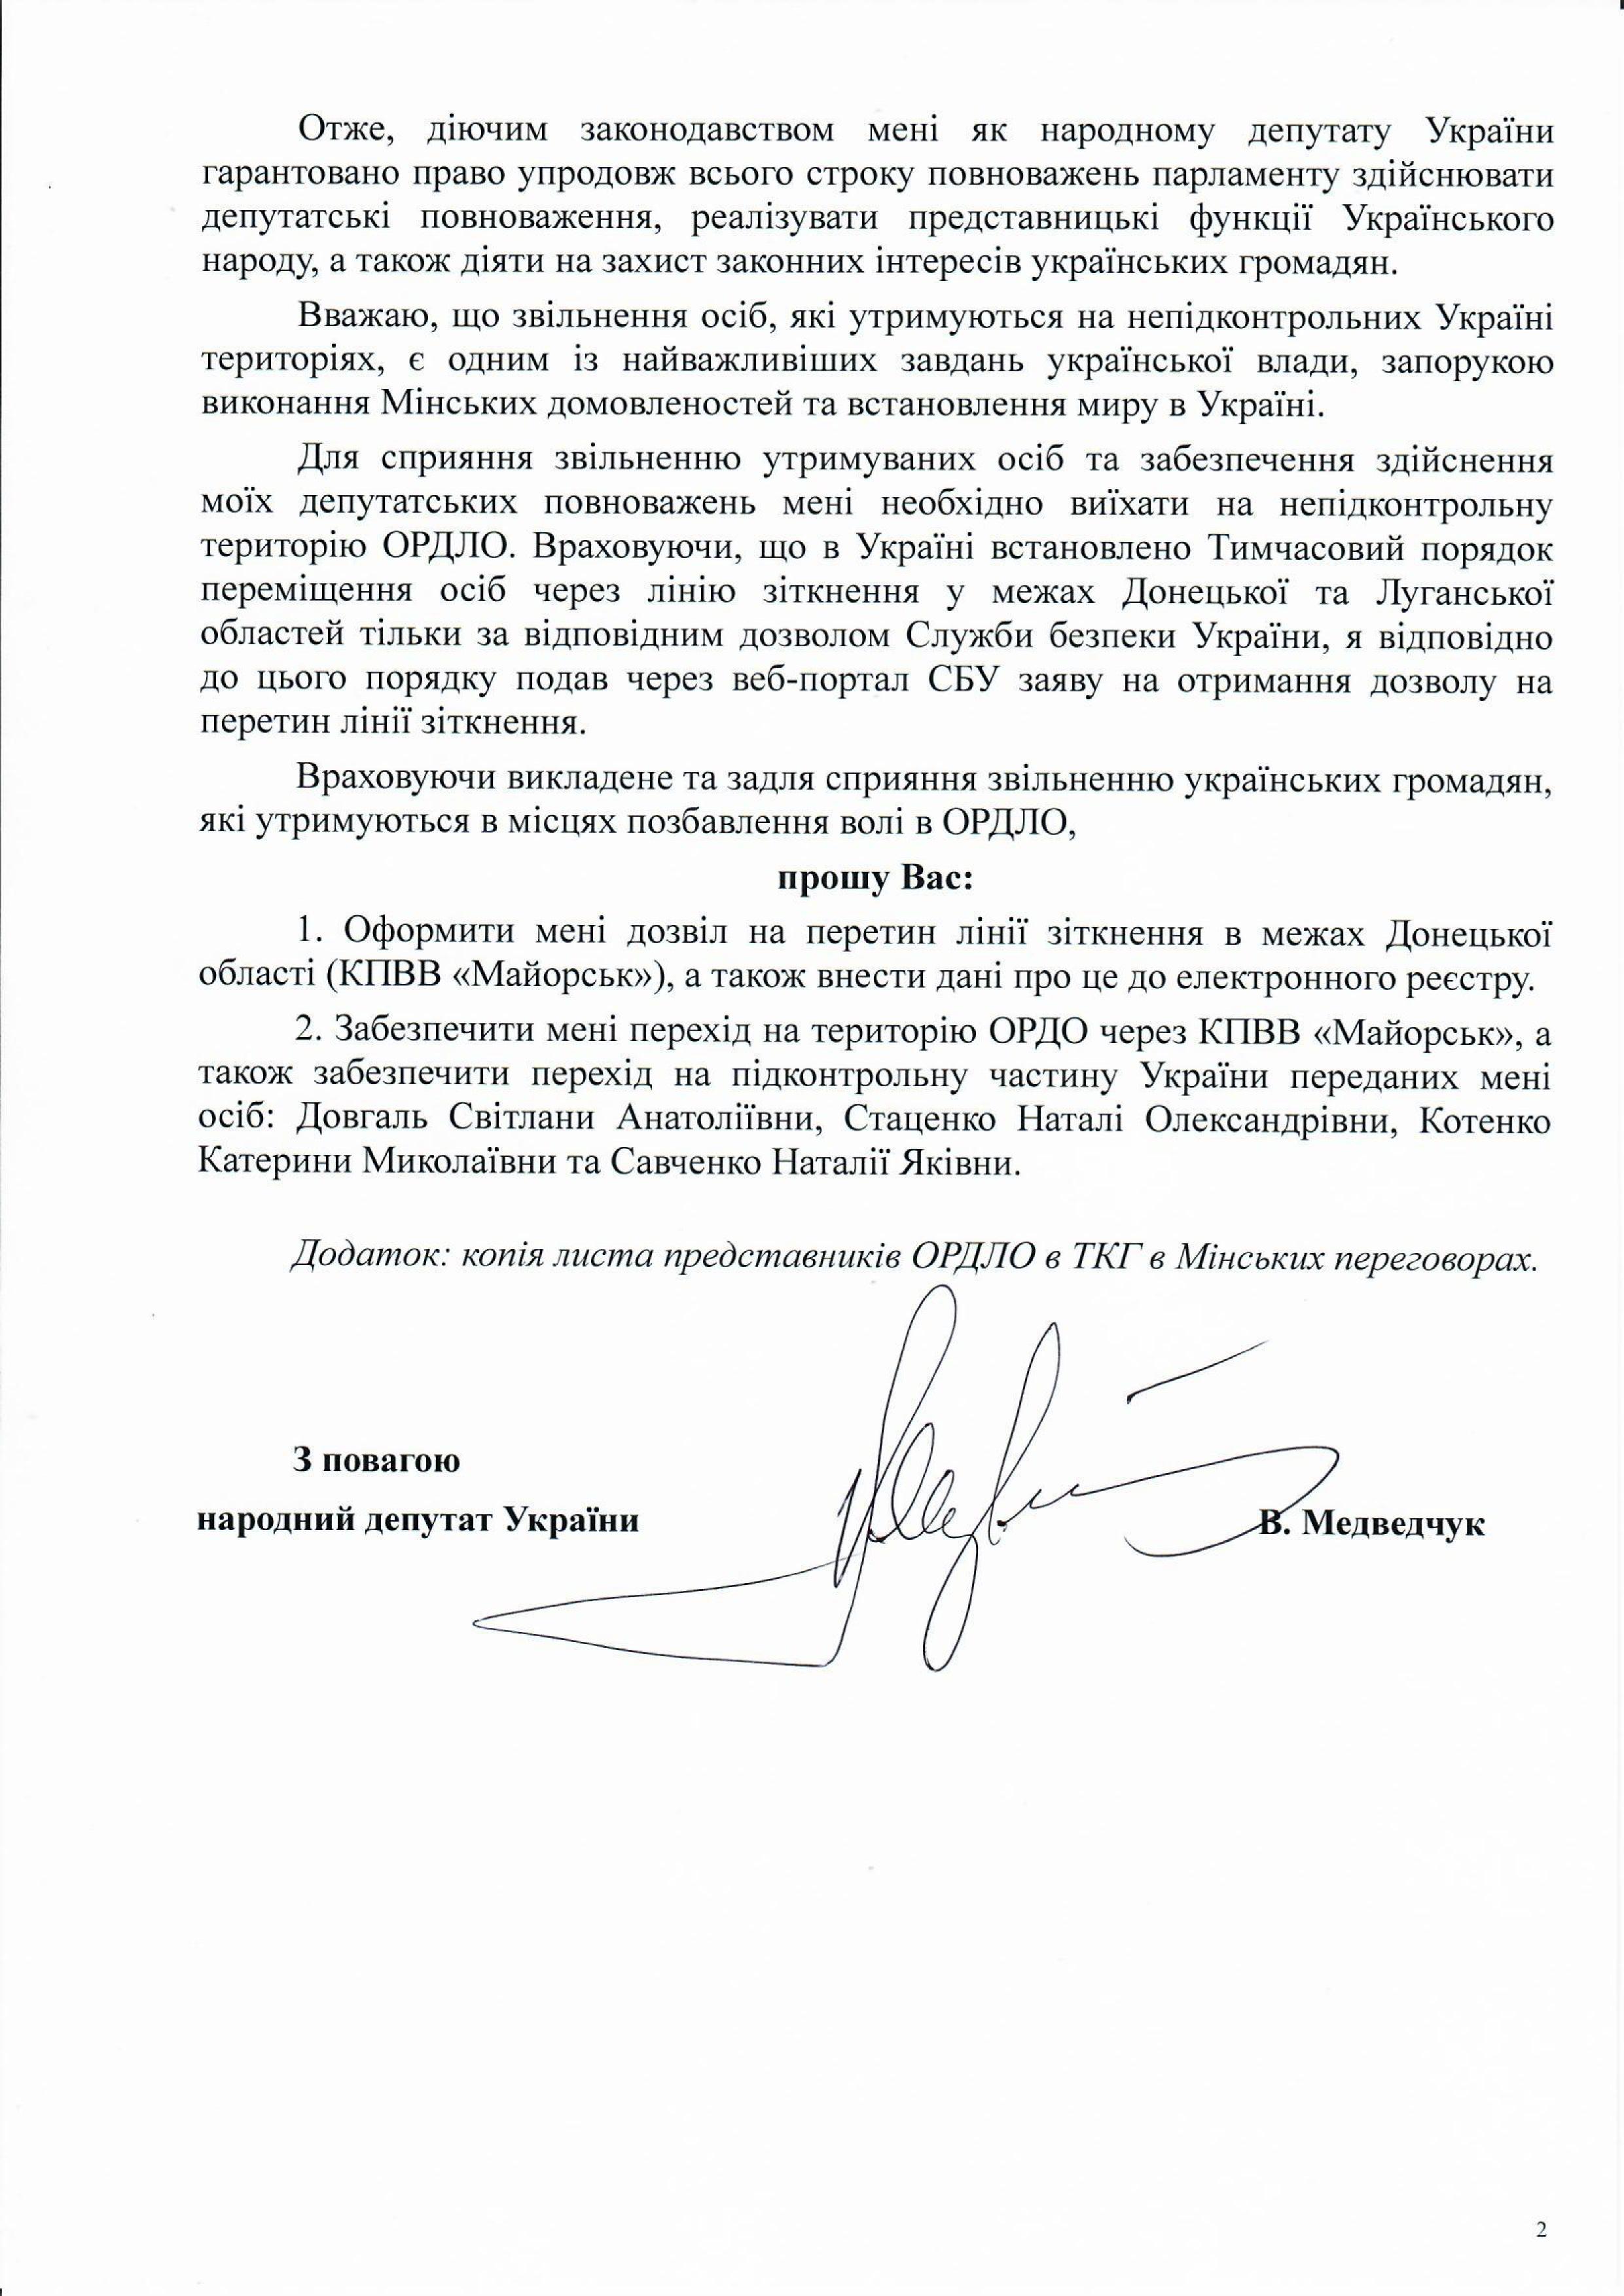 Джангиров: Власть пакостит Медведчуку, чтобы не дать ему забрать из ОРДЛО удерживаемых там женщин - фото 3